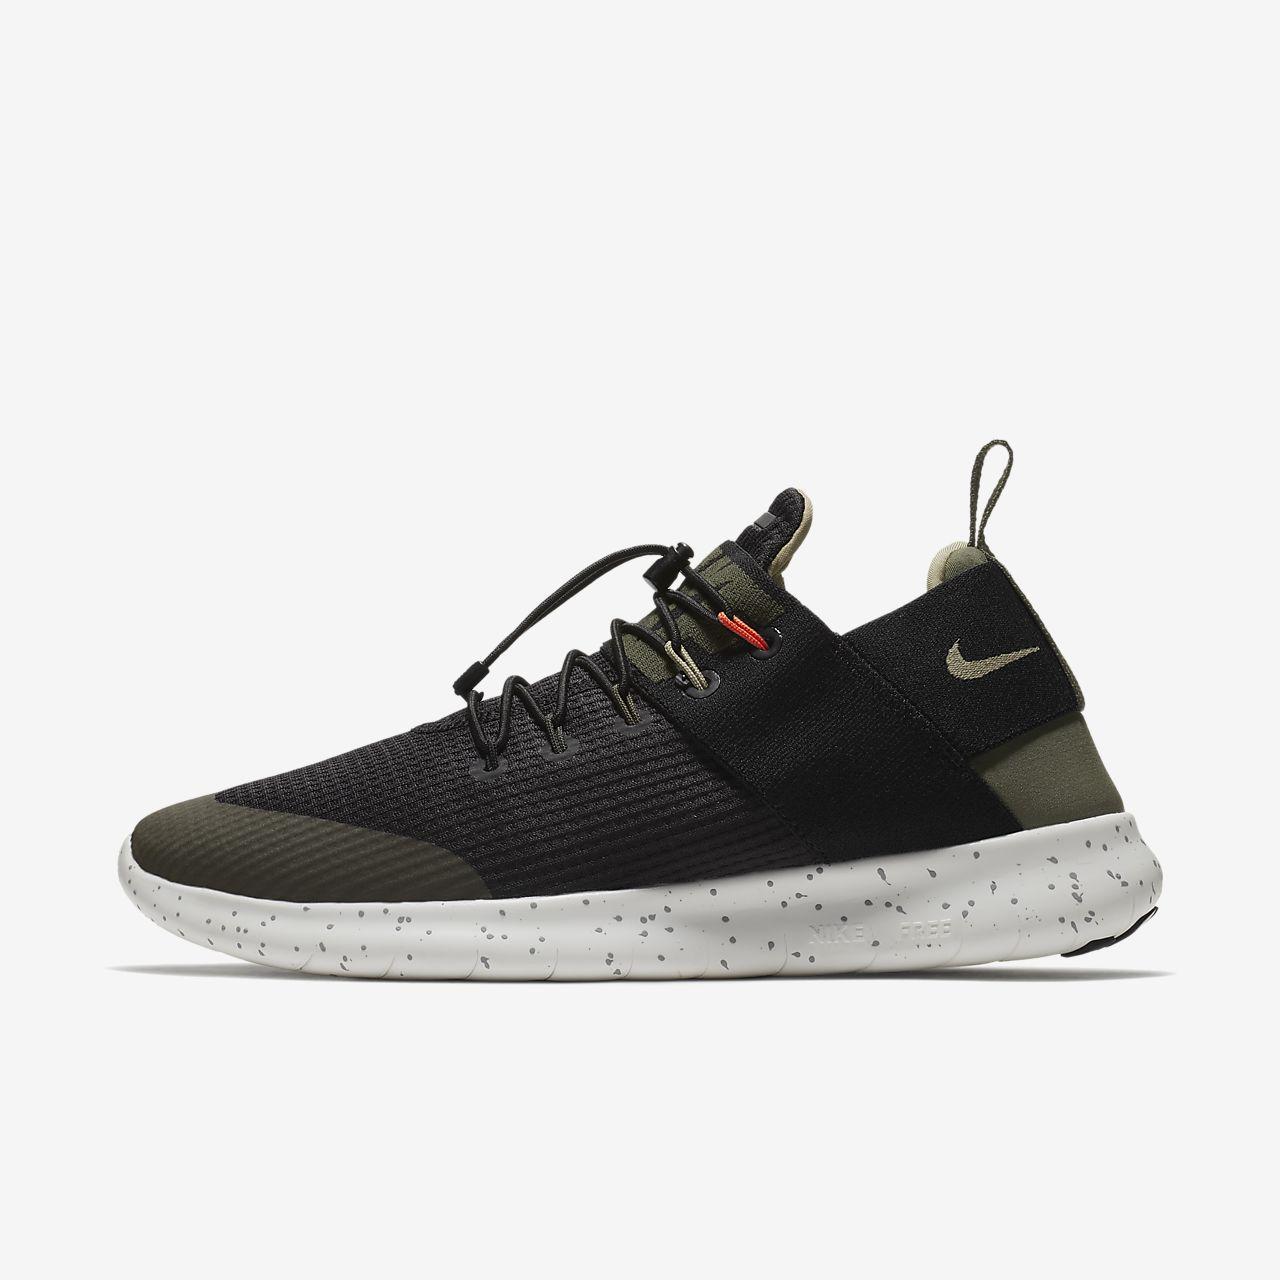 Nike RN 2017 Da Uomo Free Scarpe Da Corsa Fitness Palestra Allenamento Scarpe da ginnastica Black